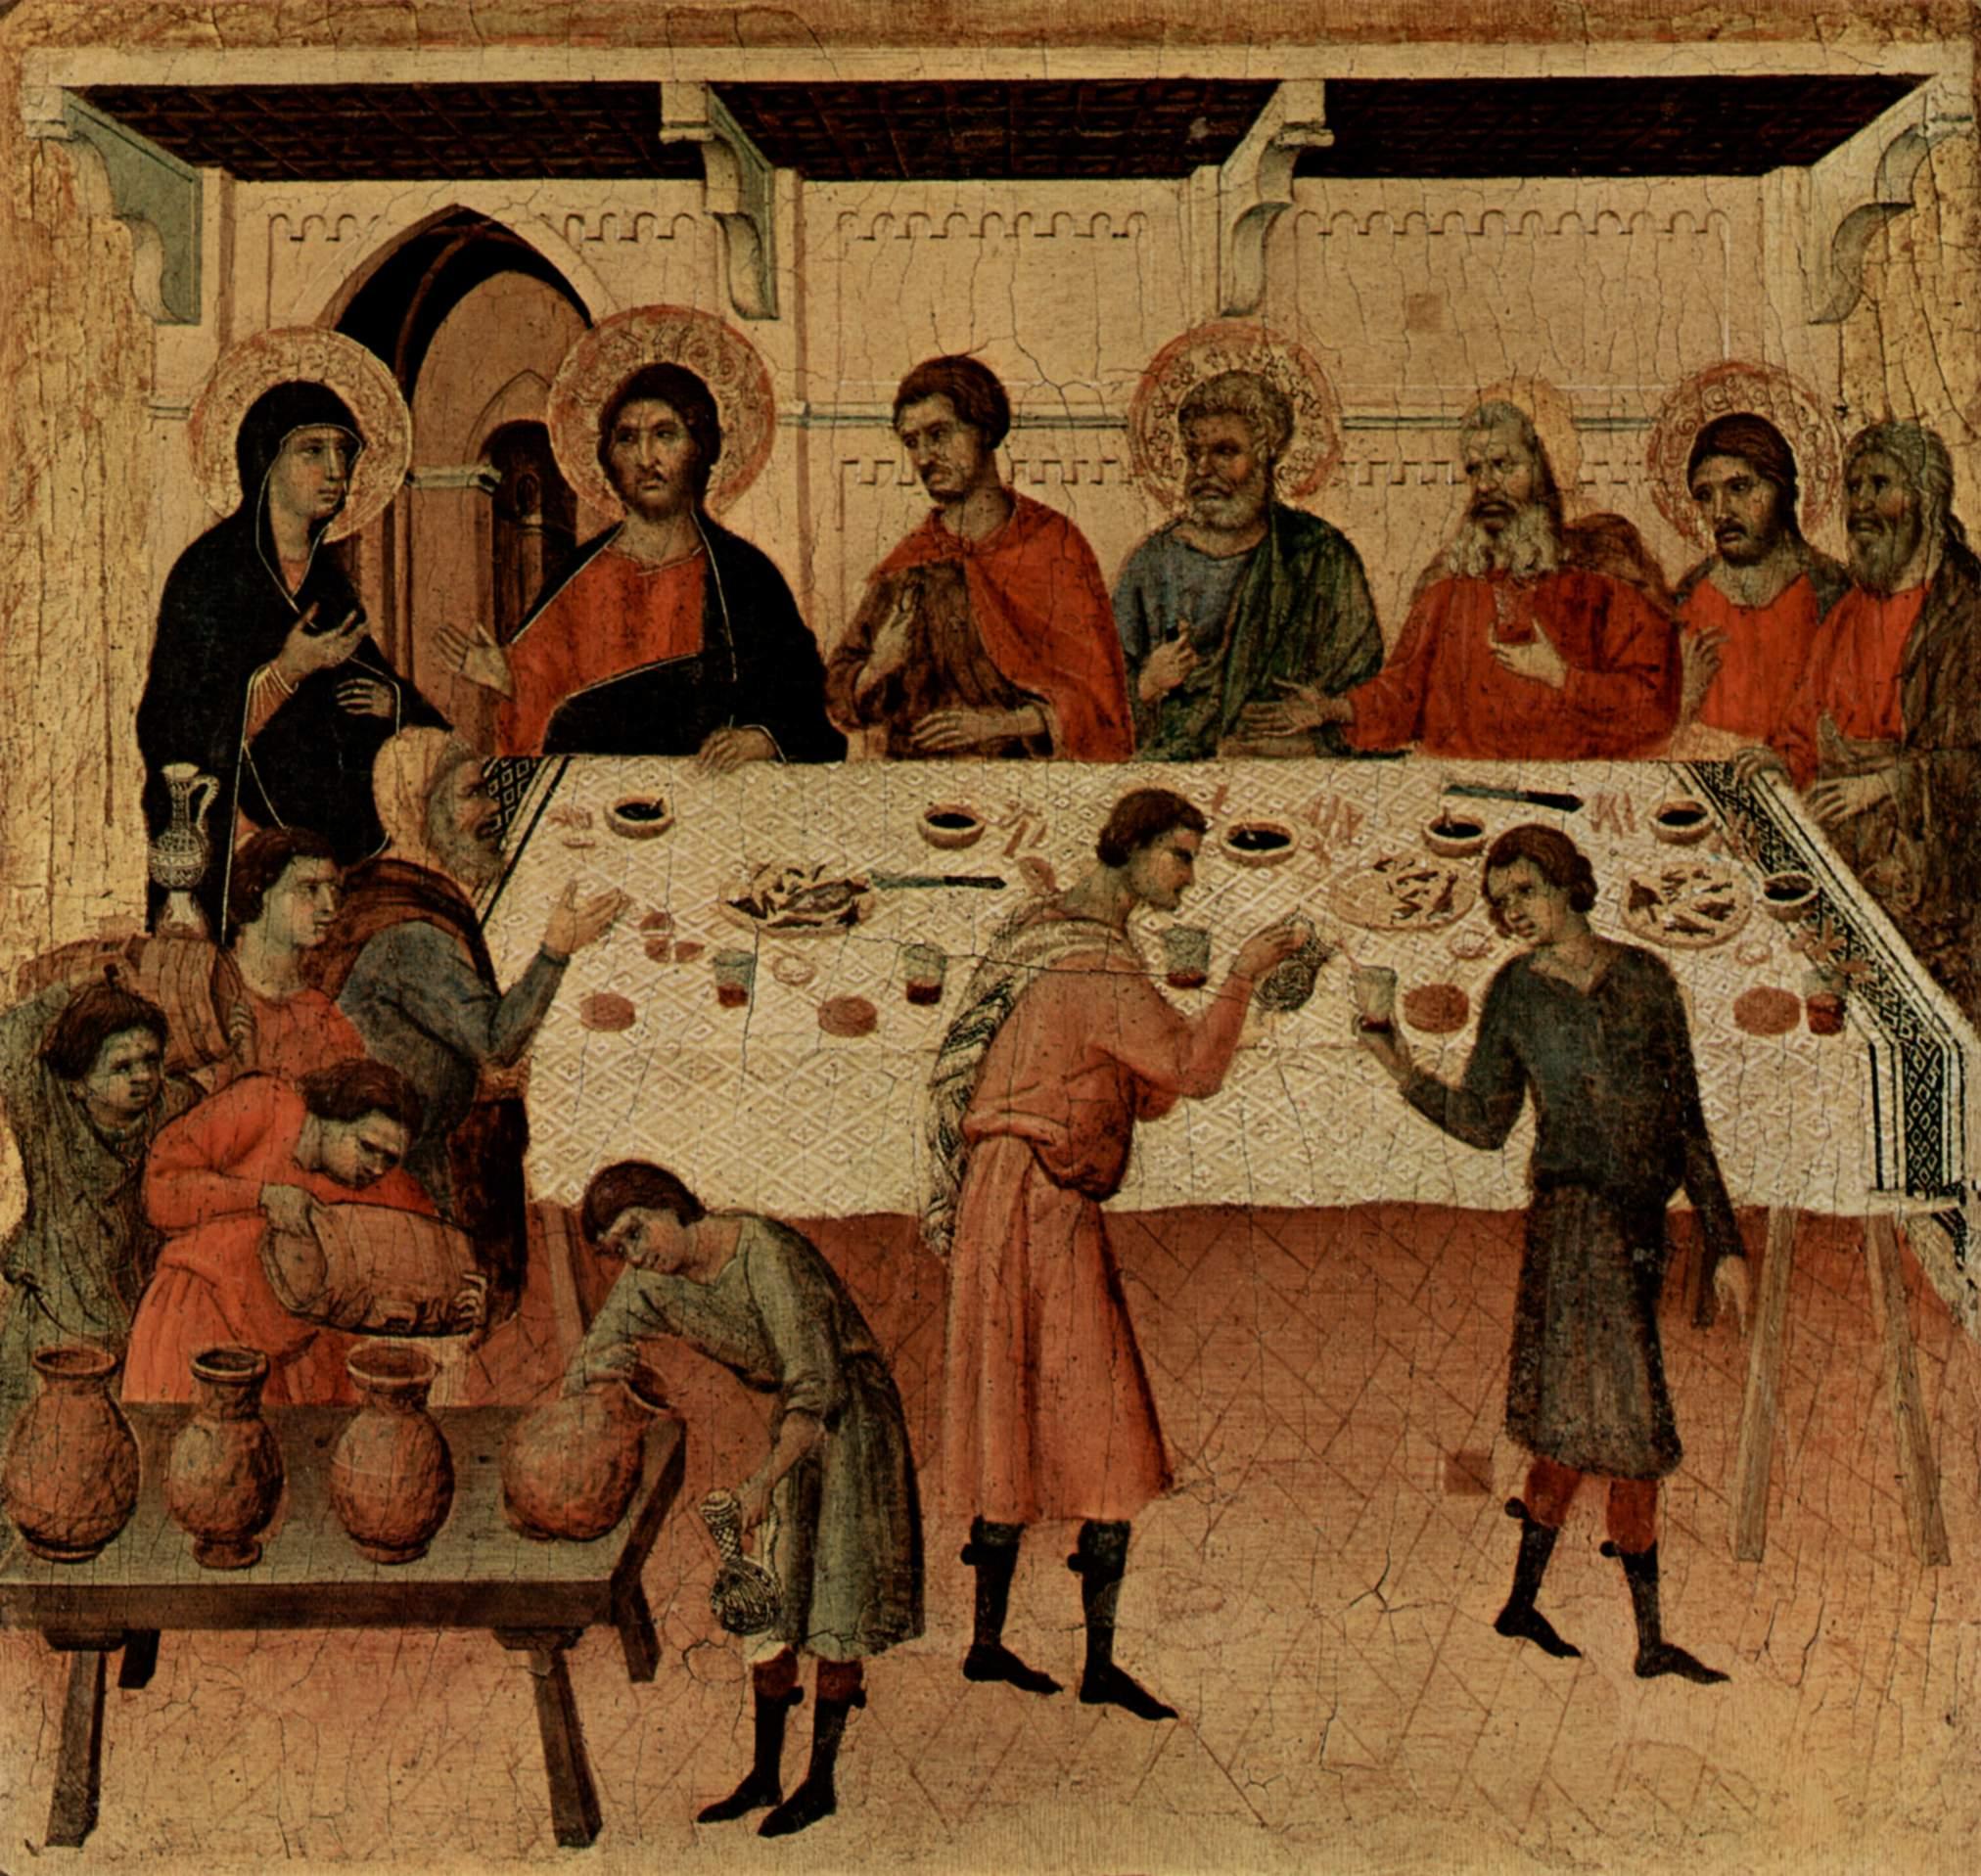 Маэста, алтарь сиенского кафедрального собора, оборотная сторона, пределла со сценами Искушения Хрис, Дуччо ди Буонинсенья